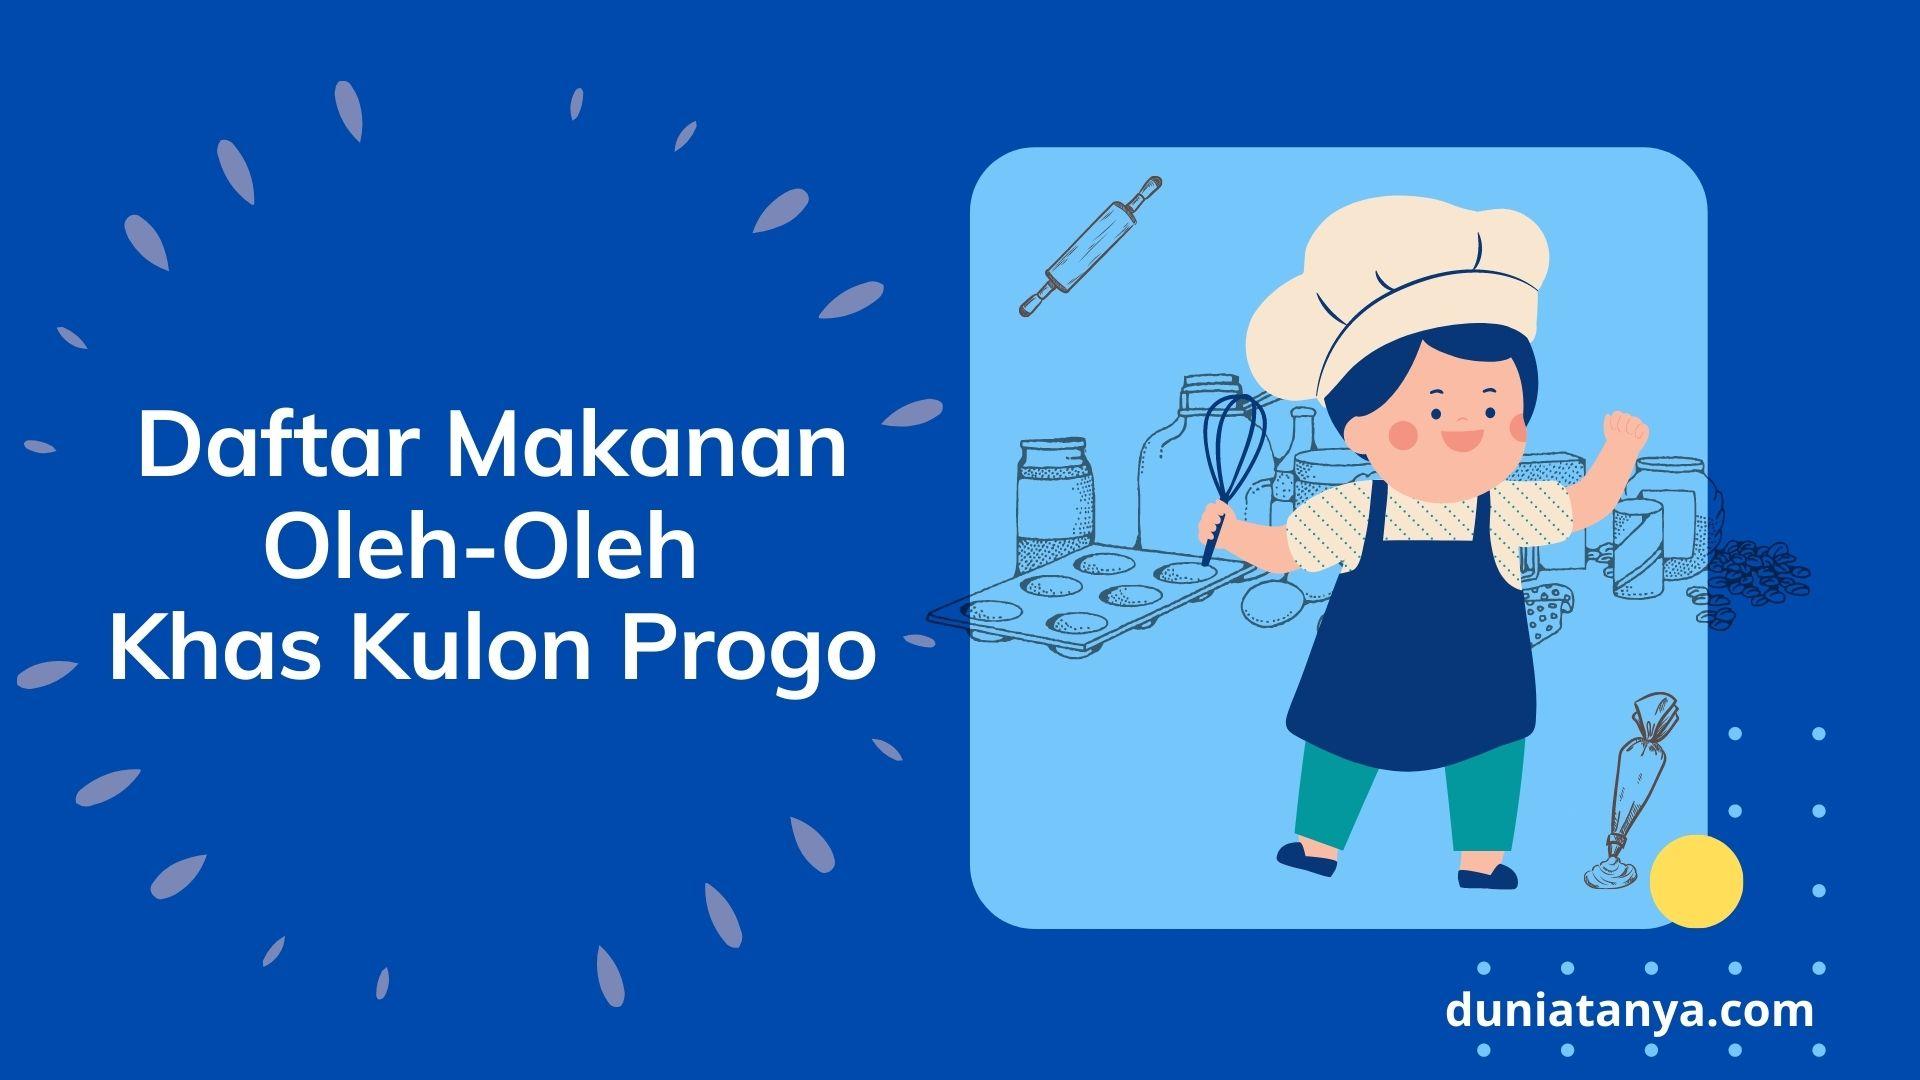 You are currently viewing Daftar Makanan Oleh-Oleh Khas Kulon Progo